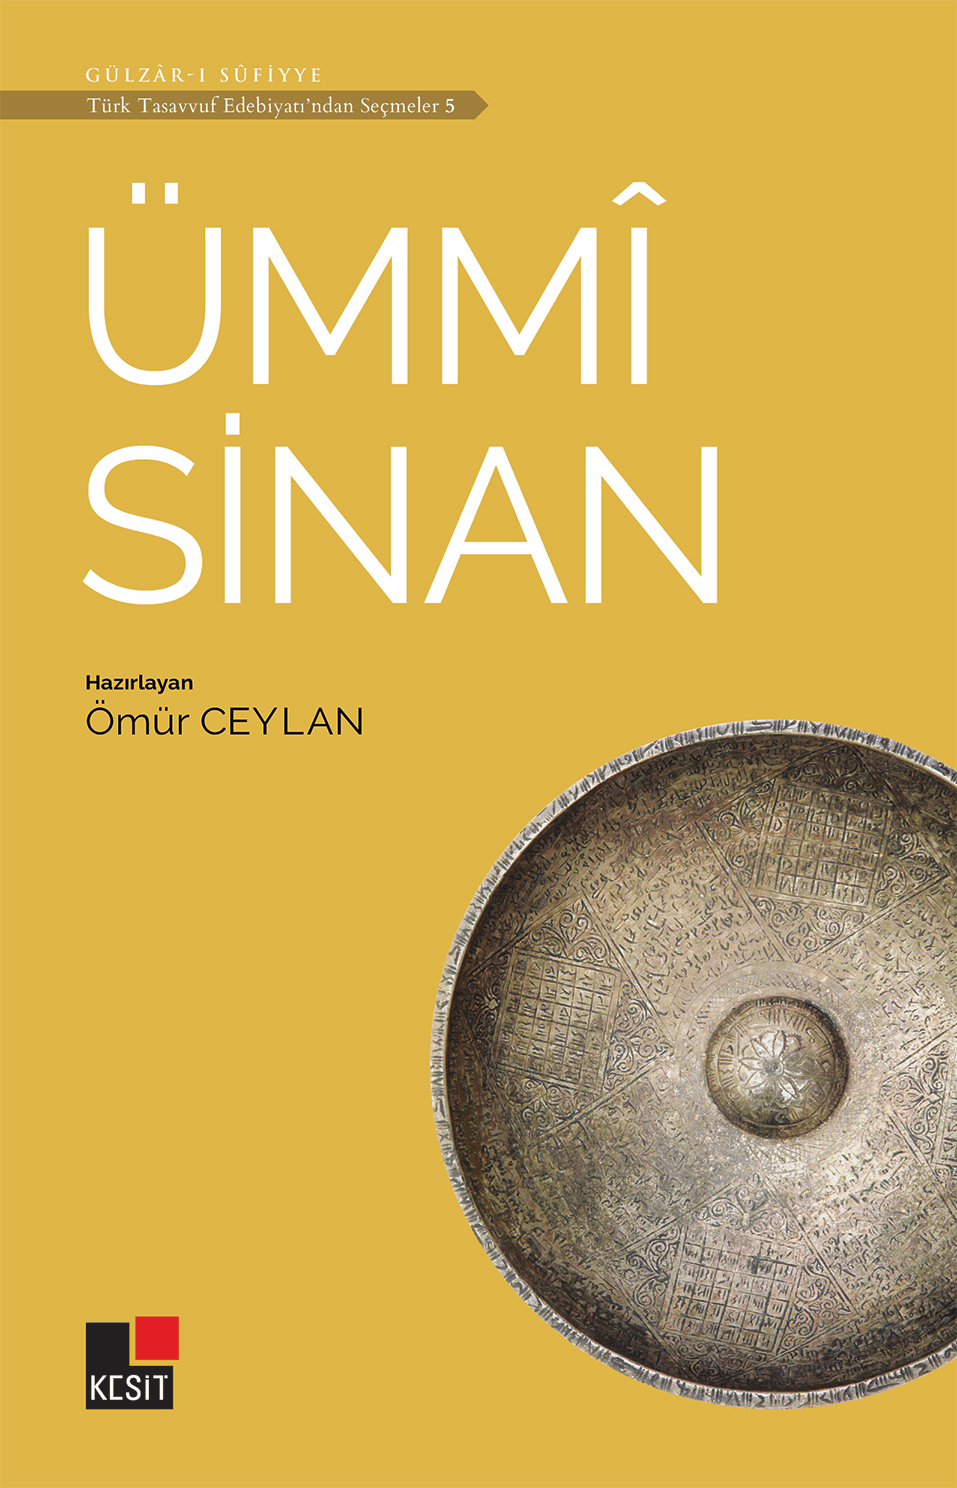 Ümmî Sinan / Türk tasavvuf edebiyatından seçmeler 5